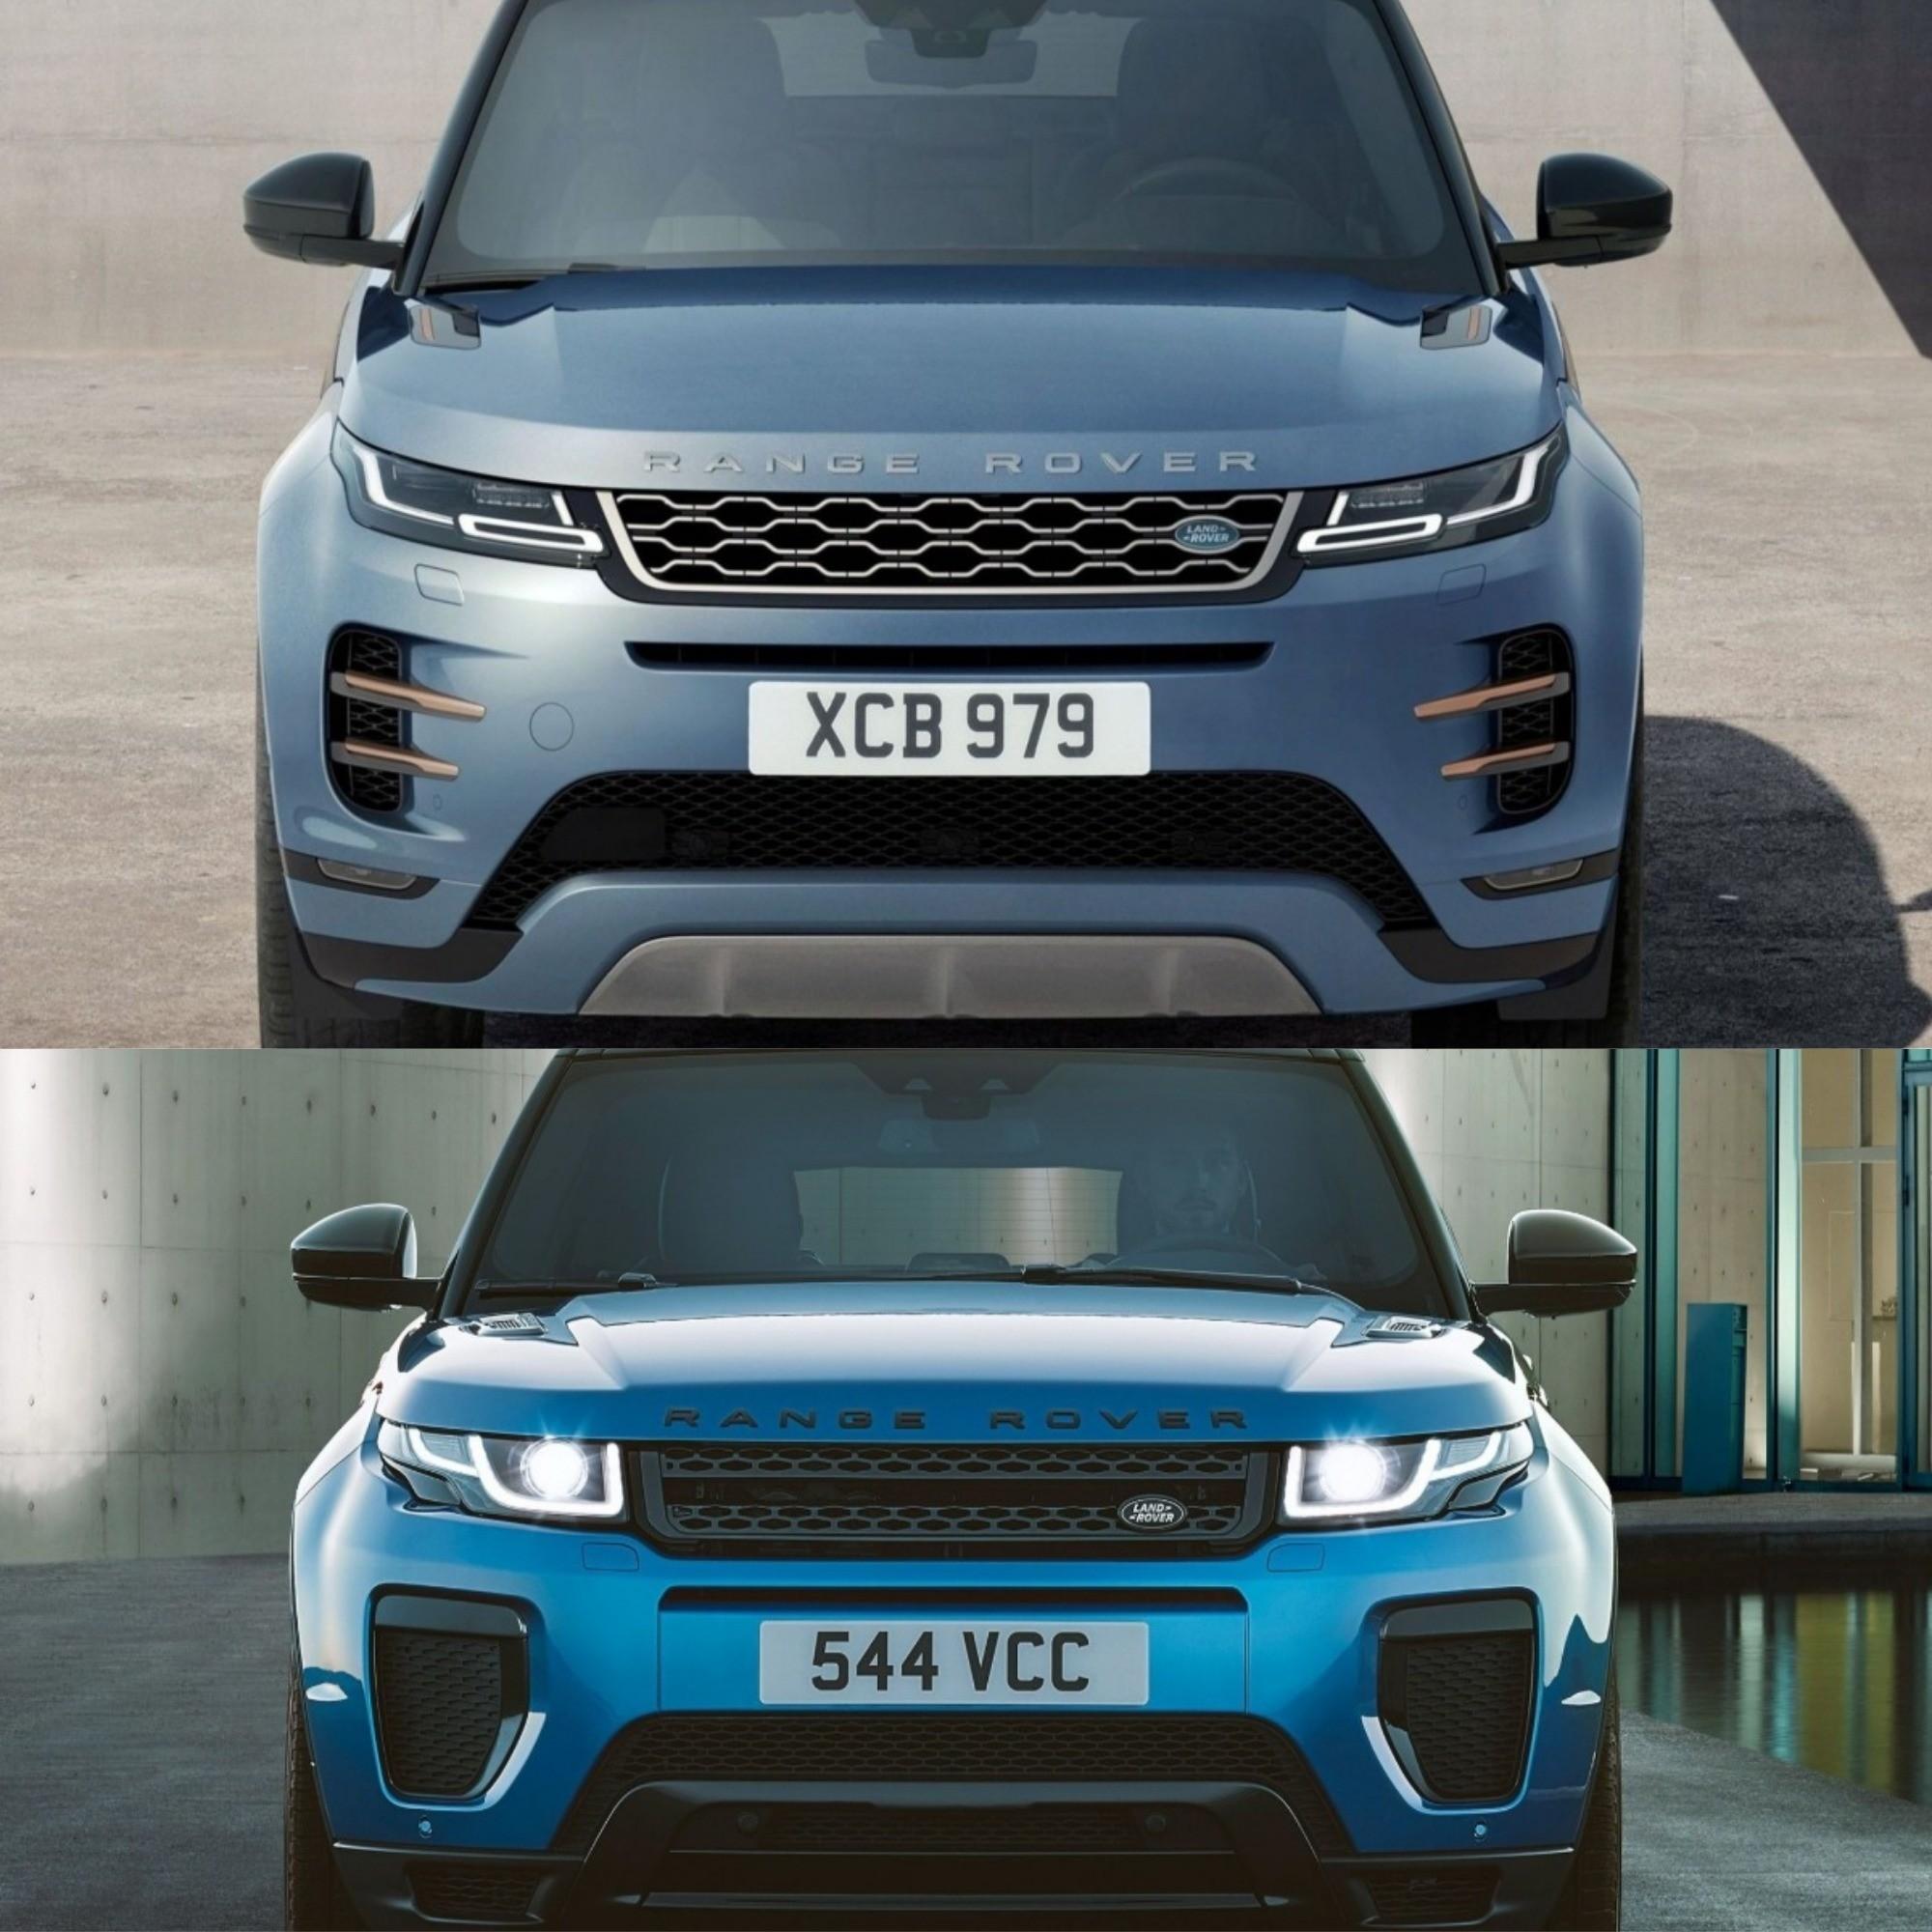 Photo Comparison: 2020 Range Rover Evoque Vs. 2015 Range